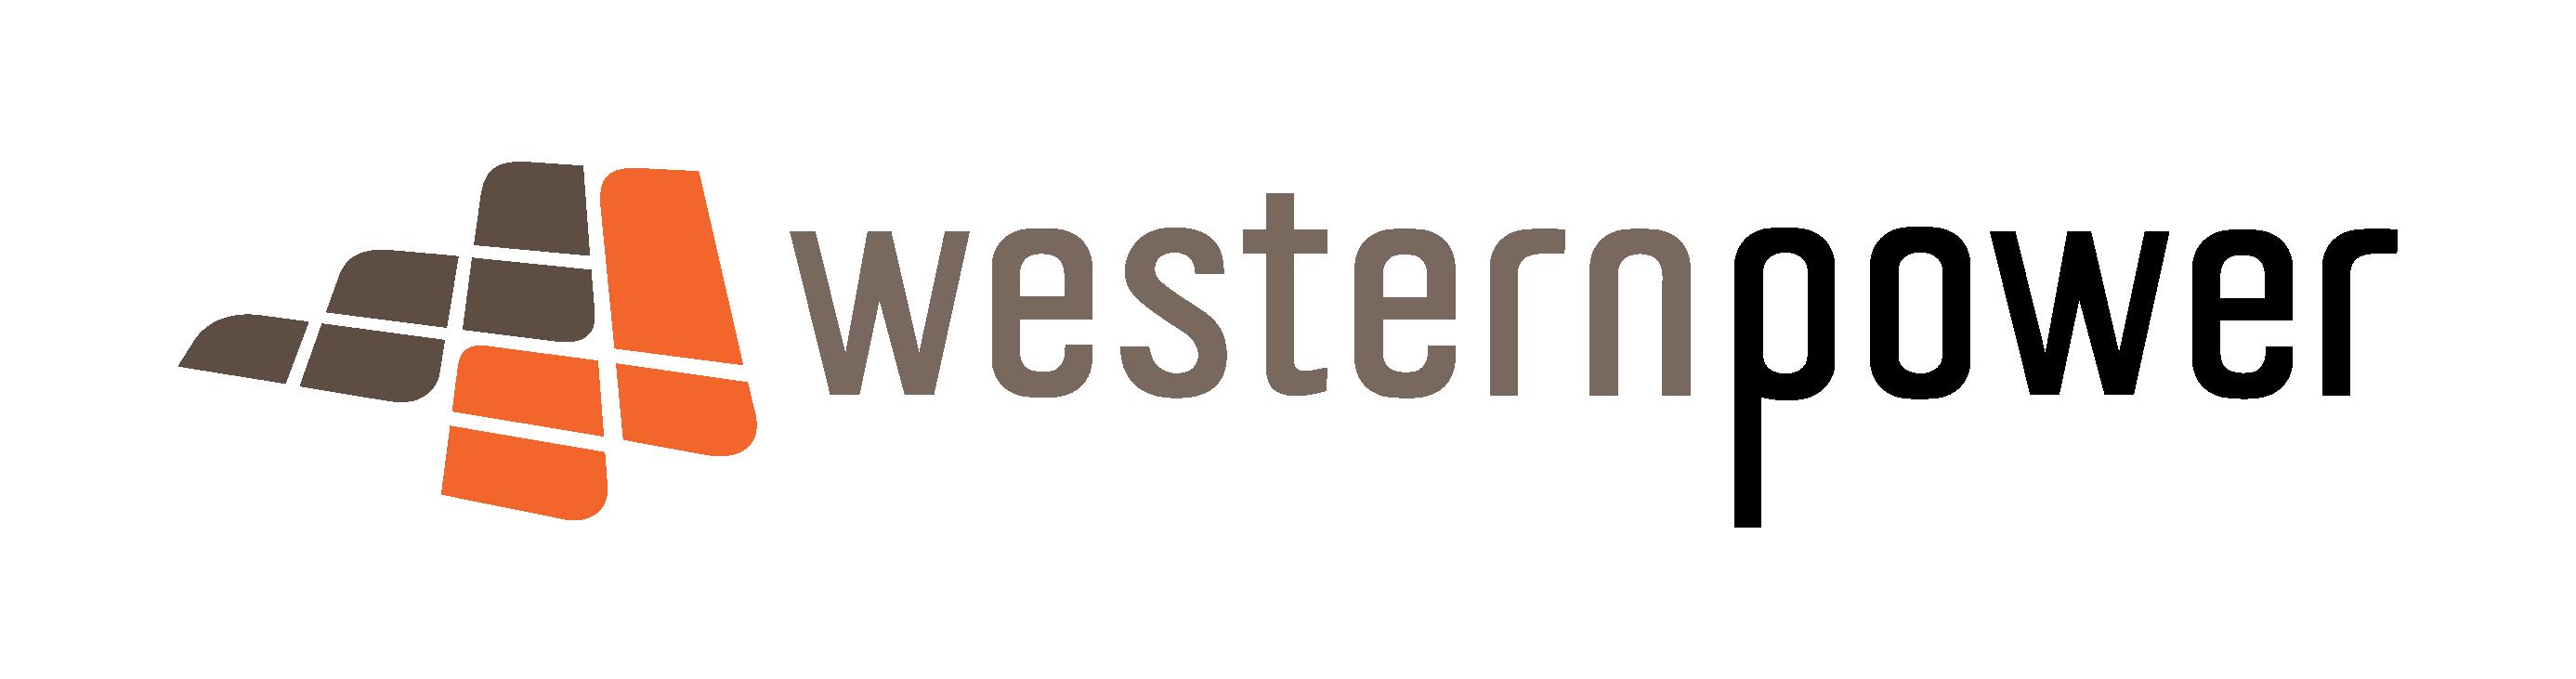 Bushfire Volunteers Western Power Grants Program update